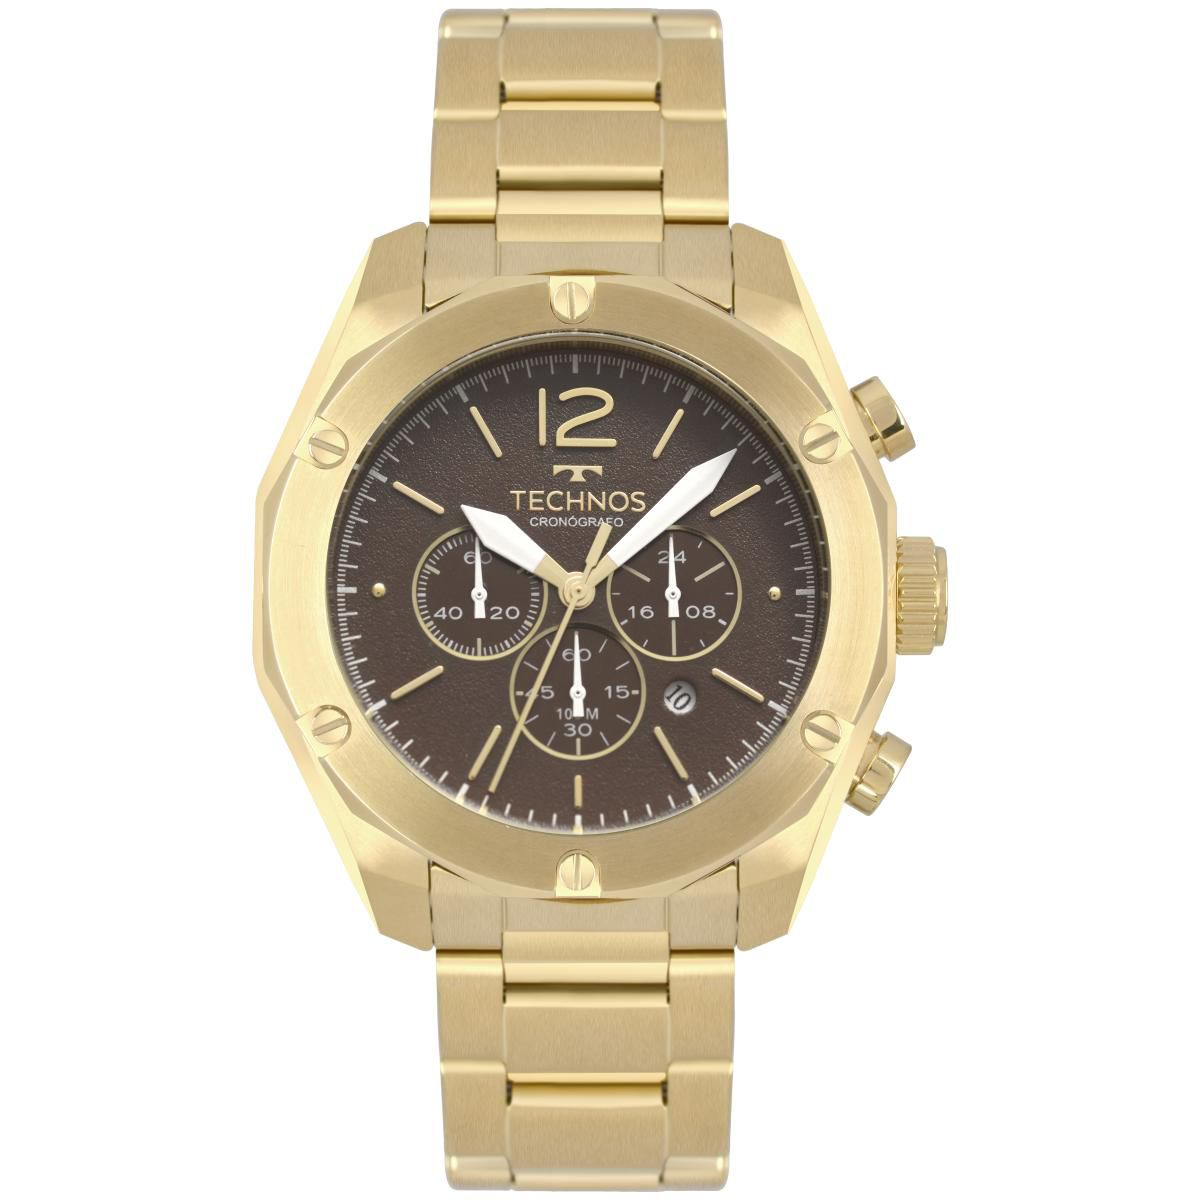 b983fde53dc Relógio Masculino Technos OS20HMF 4M 45mm Aço Dourado